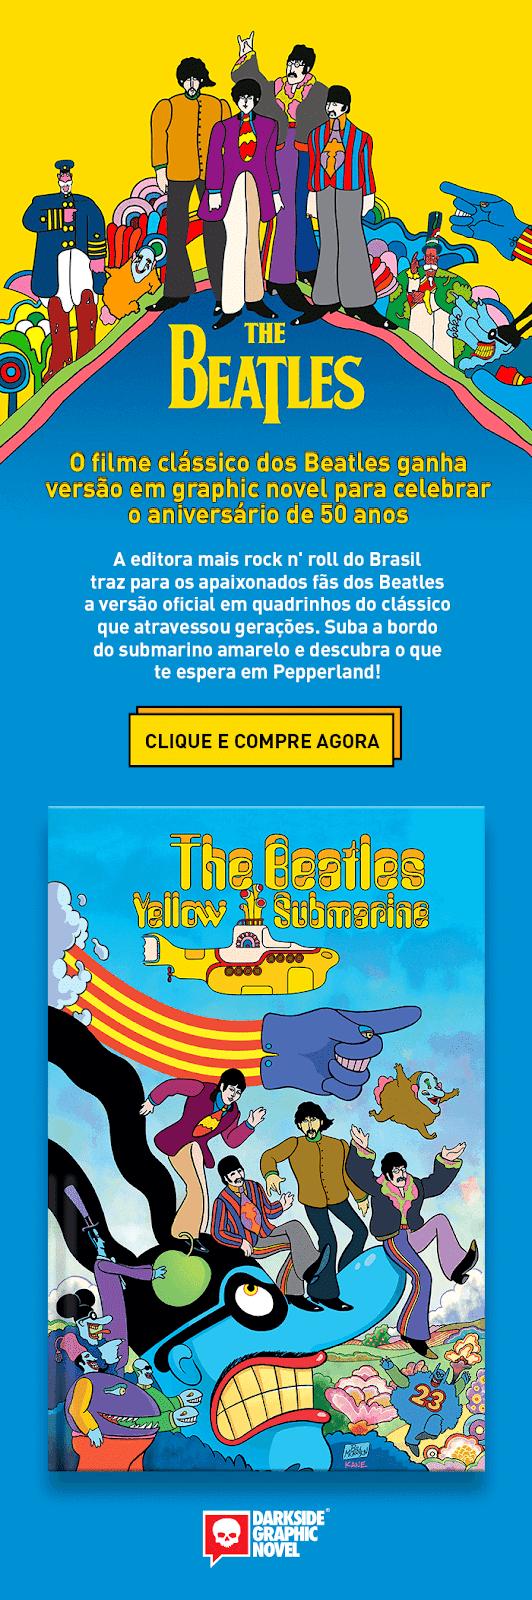 Embarque com a DarkSide e os Beatles rumo à Pepperland 💀